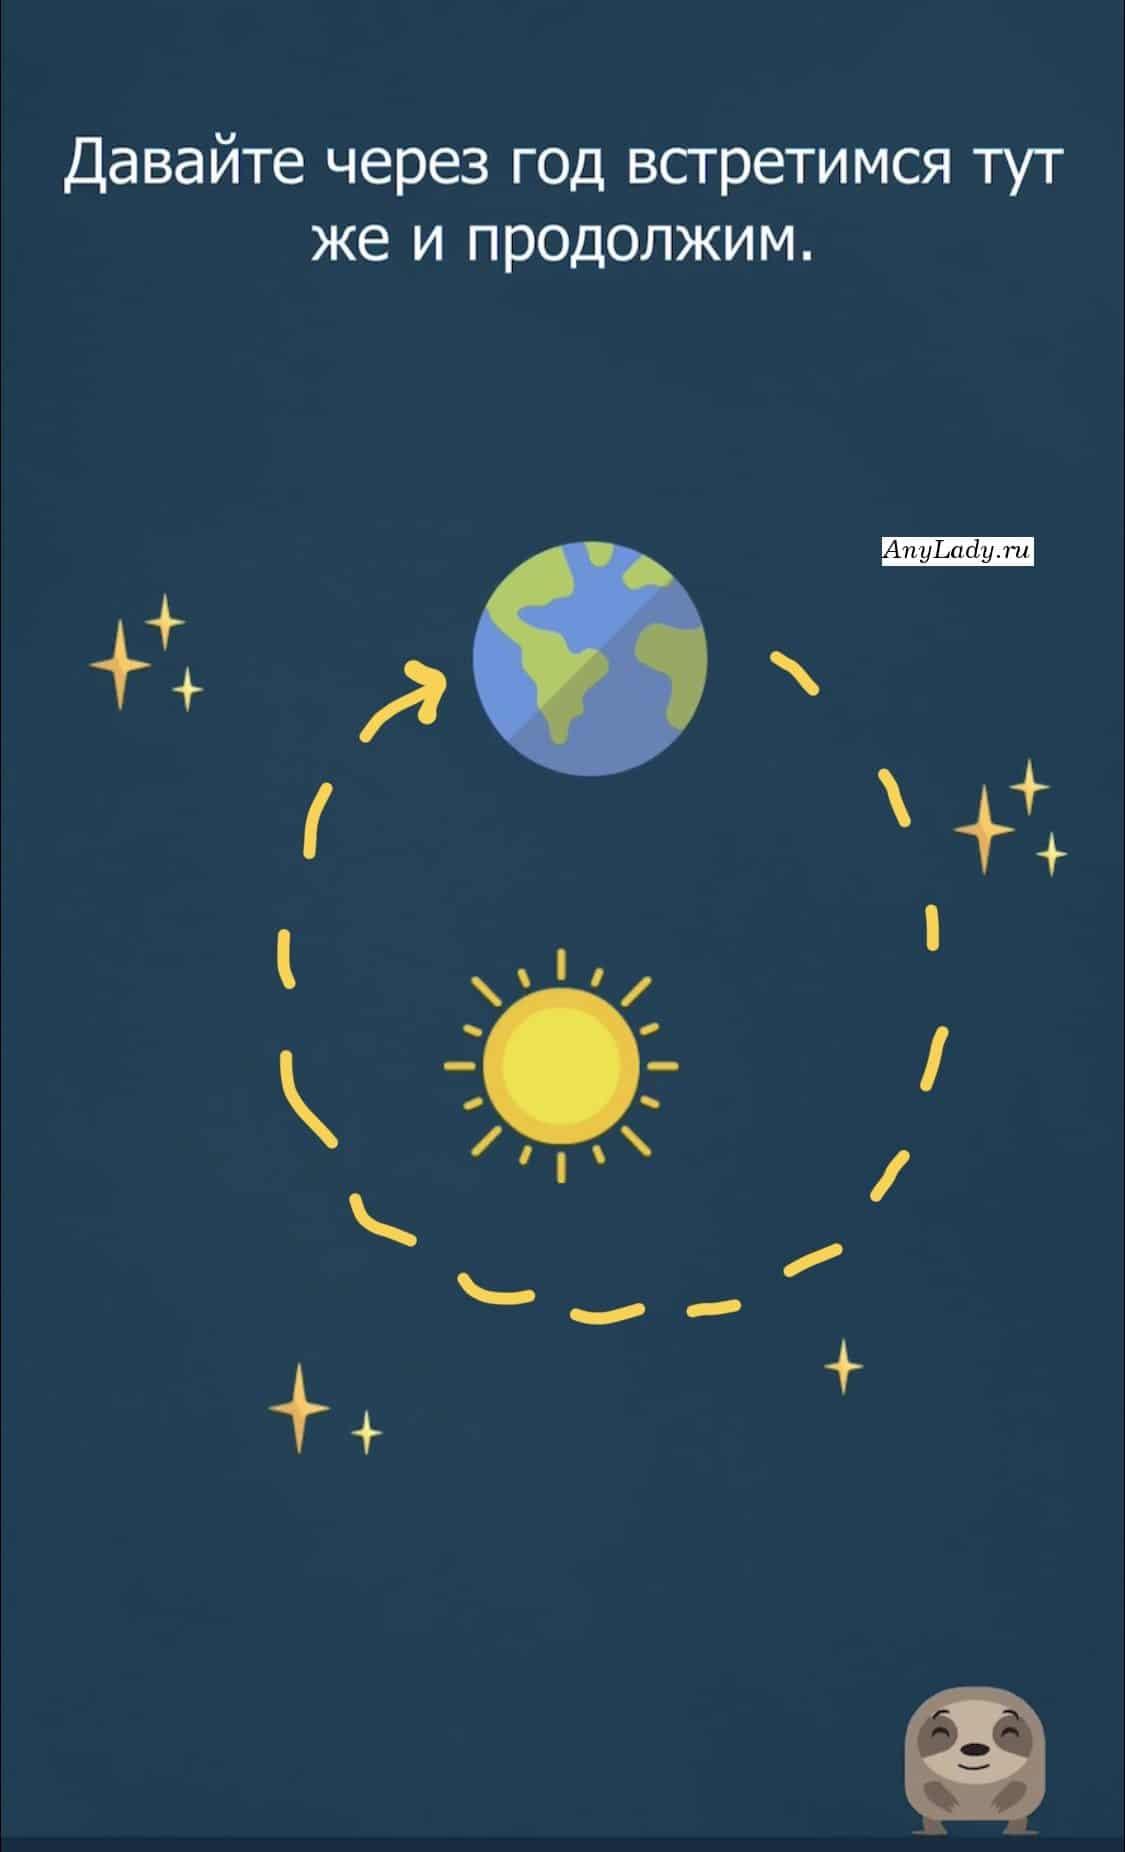 Зажмите планету Земля, и по часовой стрелке сделайте один оборот - вокруг солнца, поставив Землю на исходное положение.